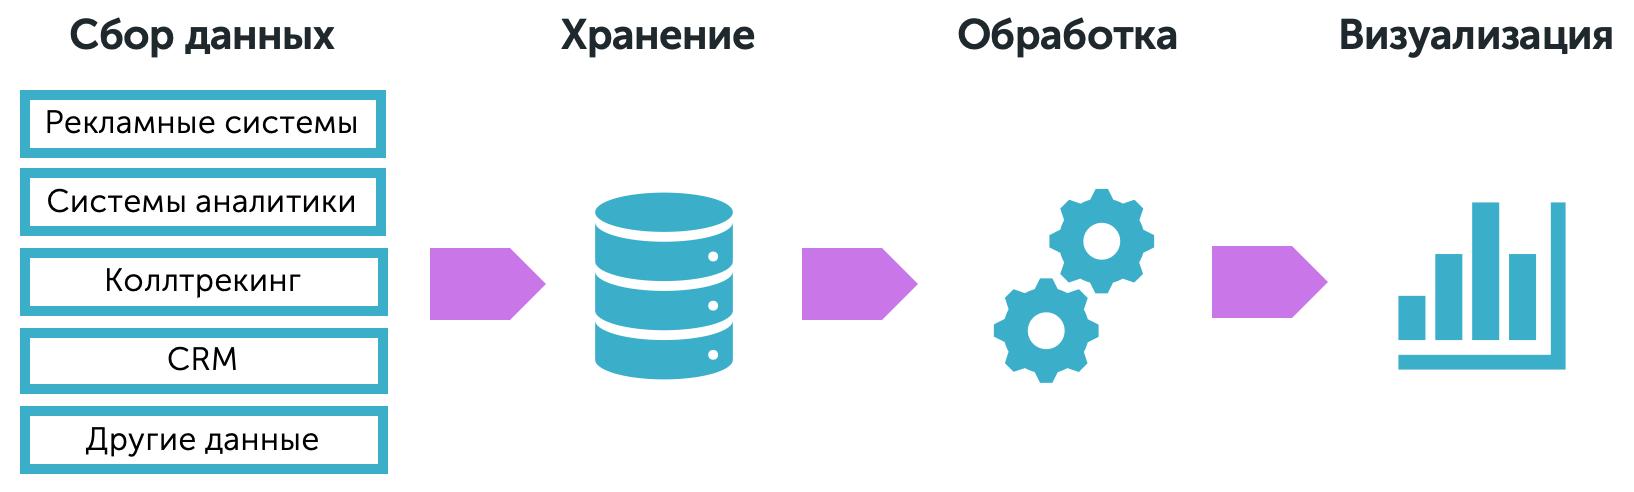 Сведение данных - схема